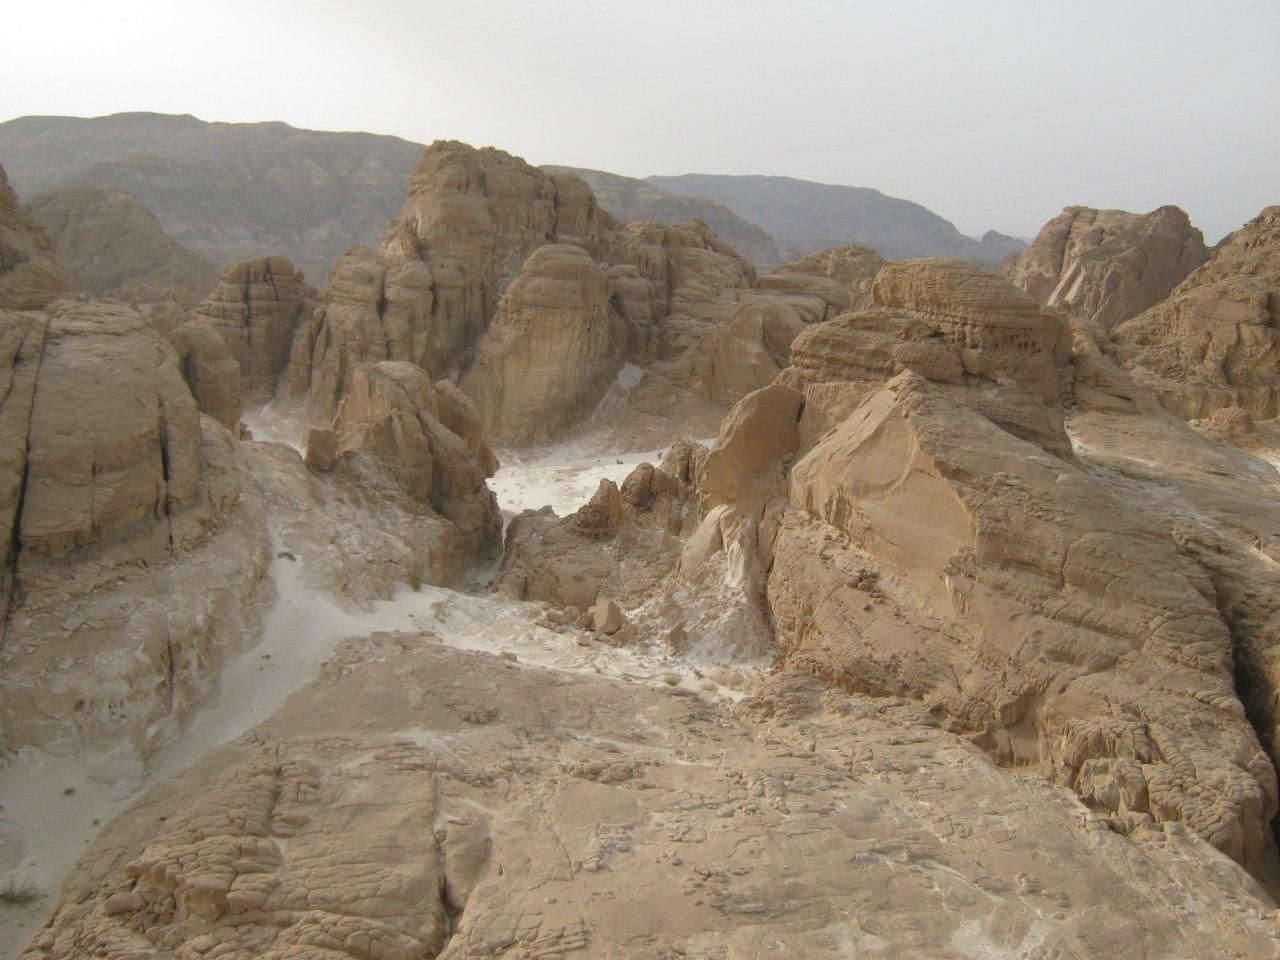 с восточной стороны Синайского полуострова.